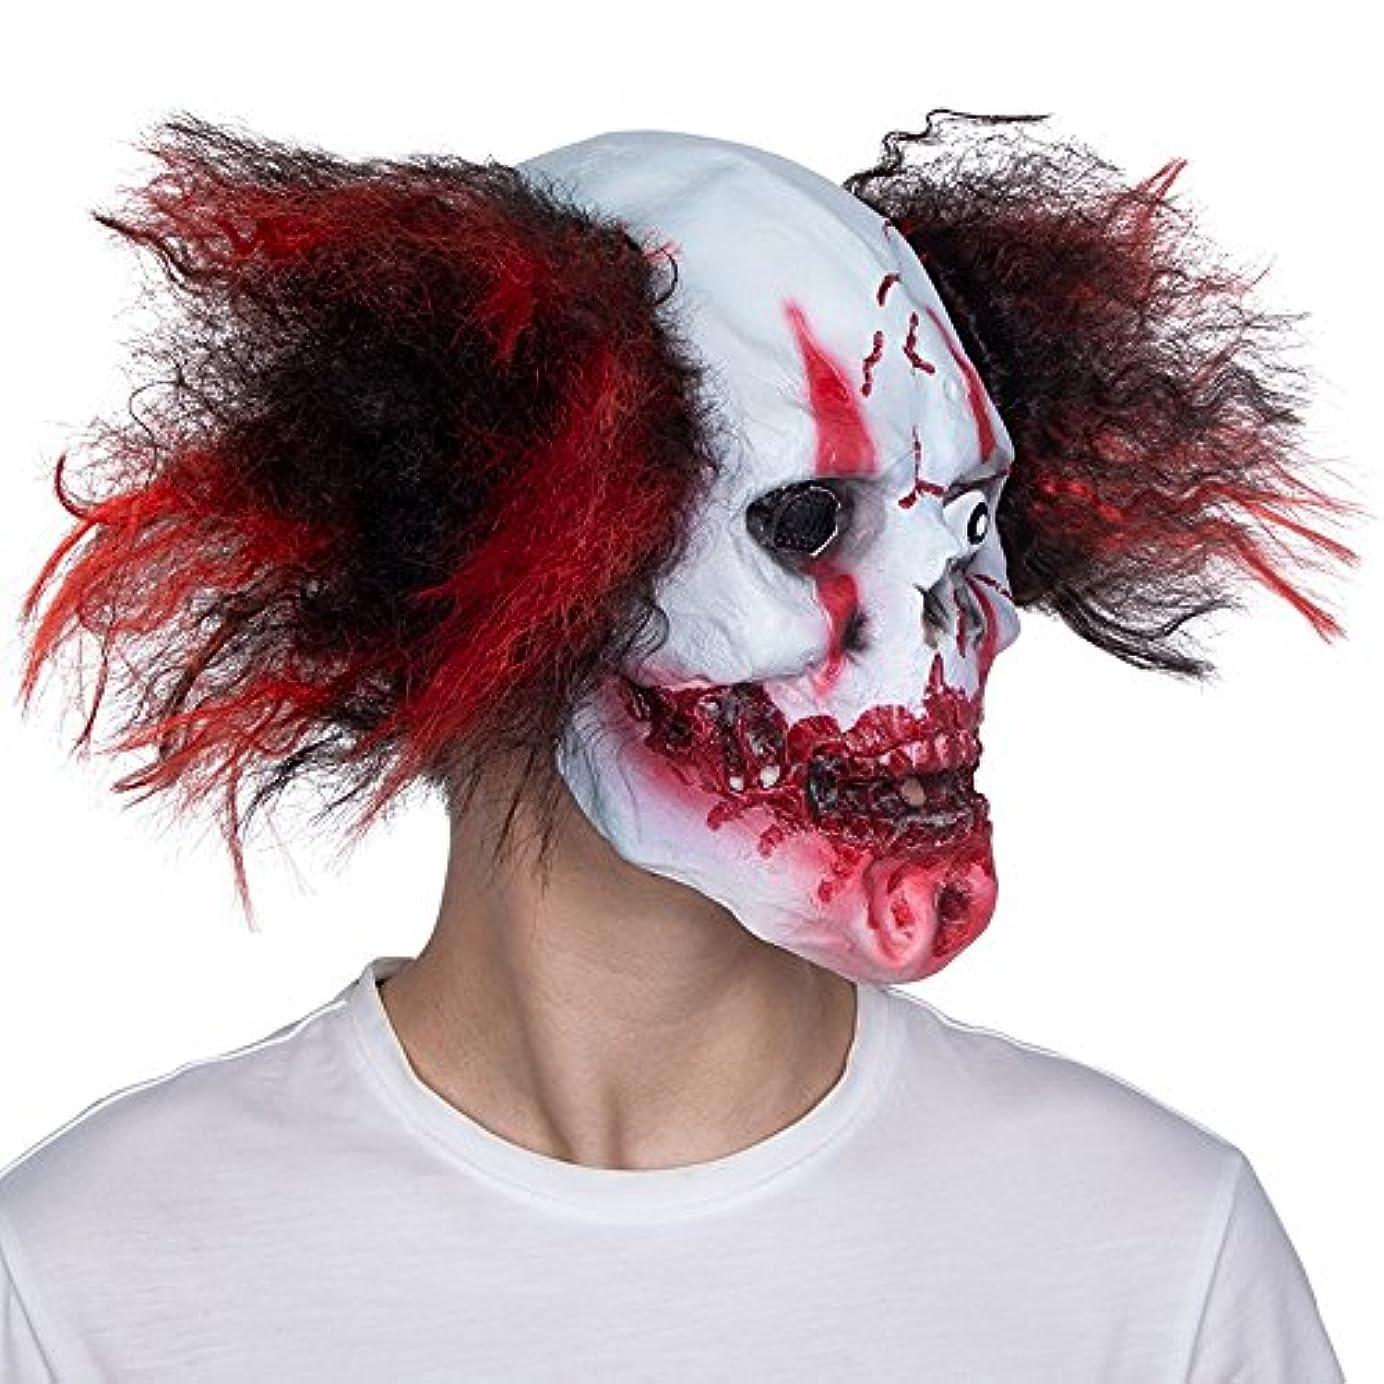 最大北西懐ハロウィーンホワイトマスク大人男性フルフェイスホラー骷髅悪魔ラテックスフードなりすまし怖いマスクダンス